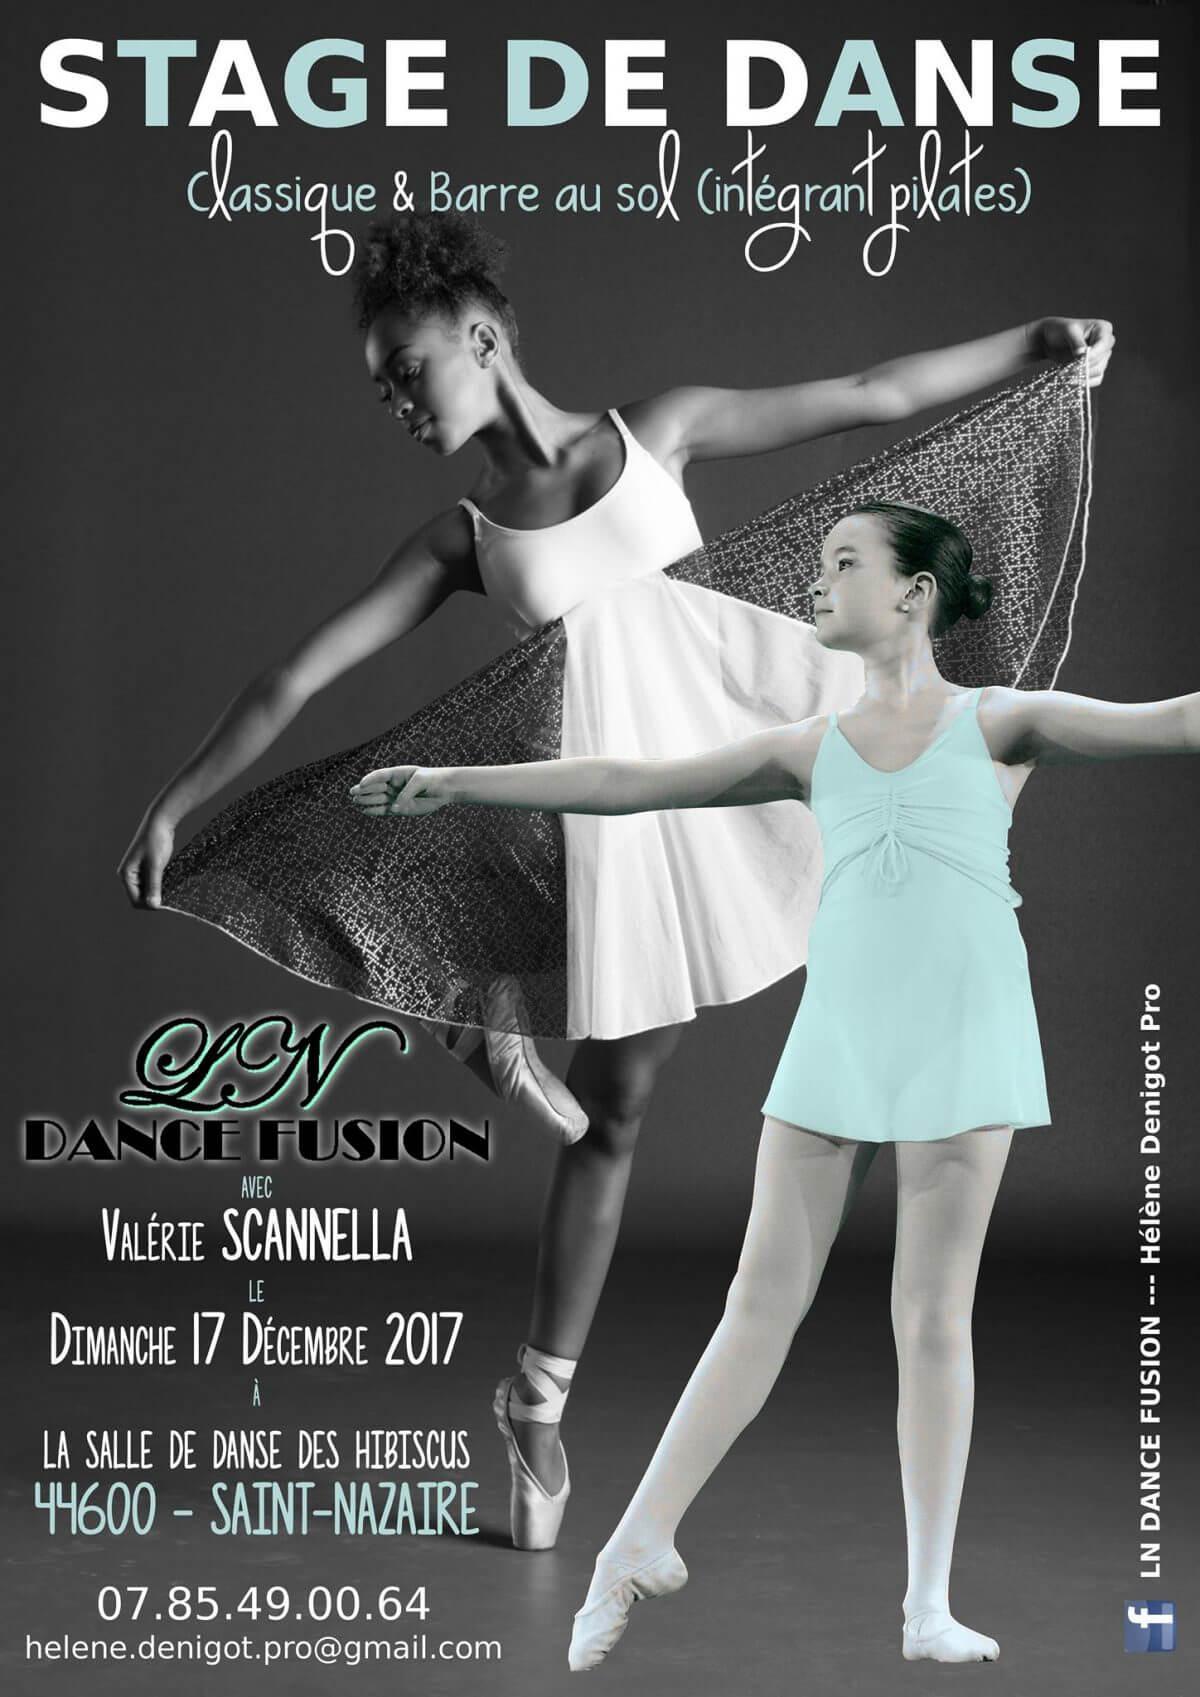 Stage de danse du 17 Décembre 2017